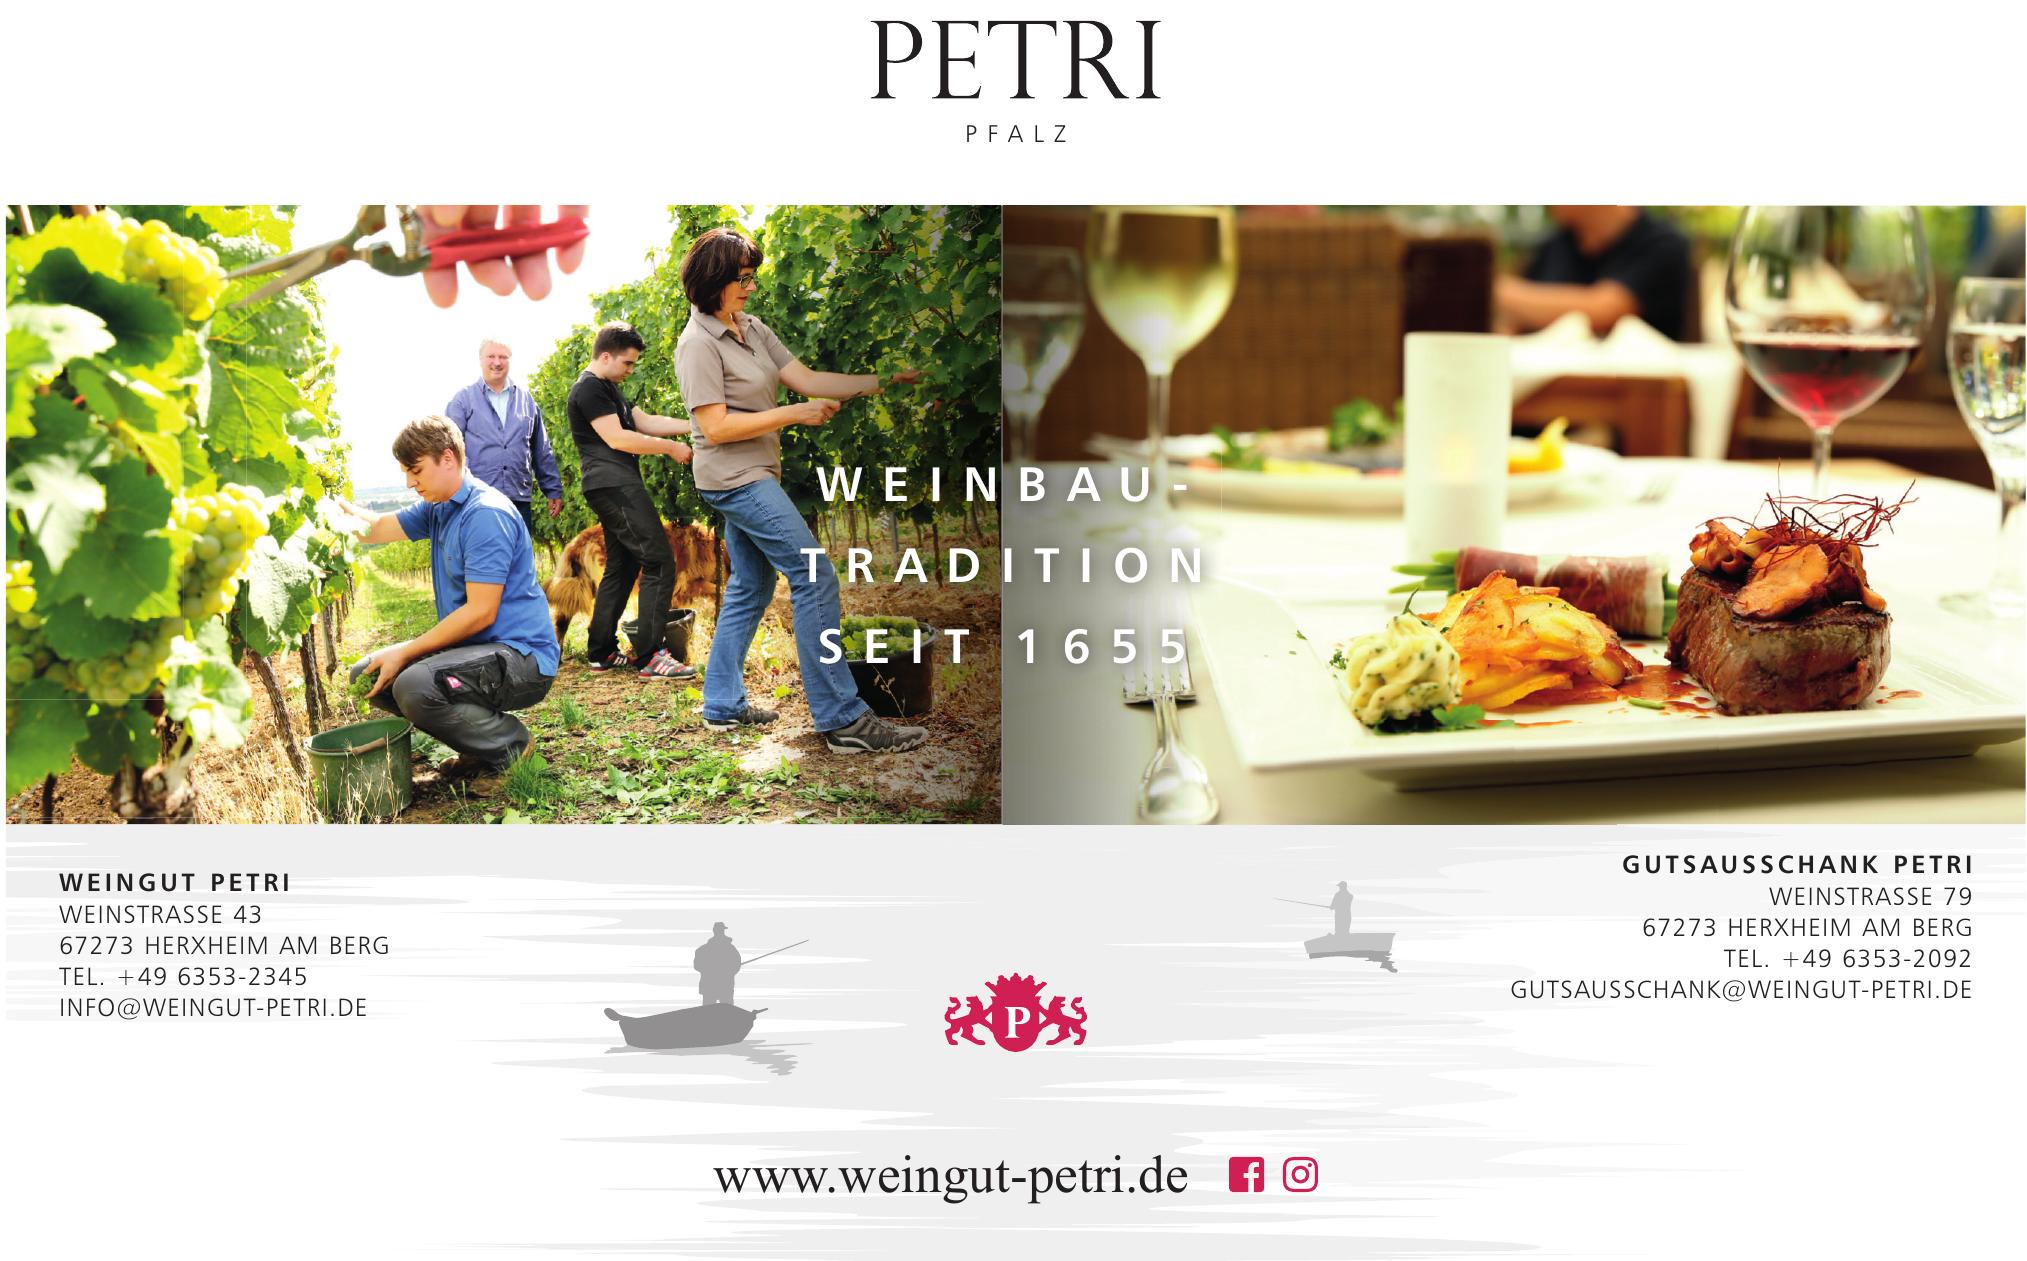 Weingut Petri GbR